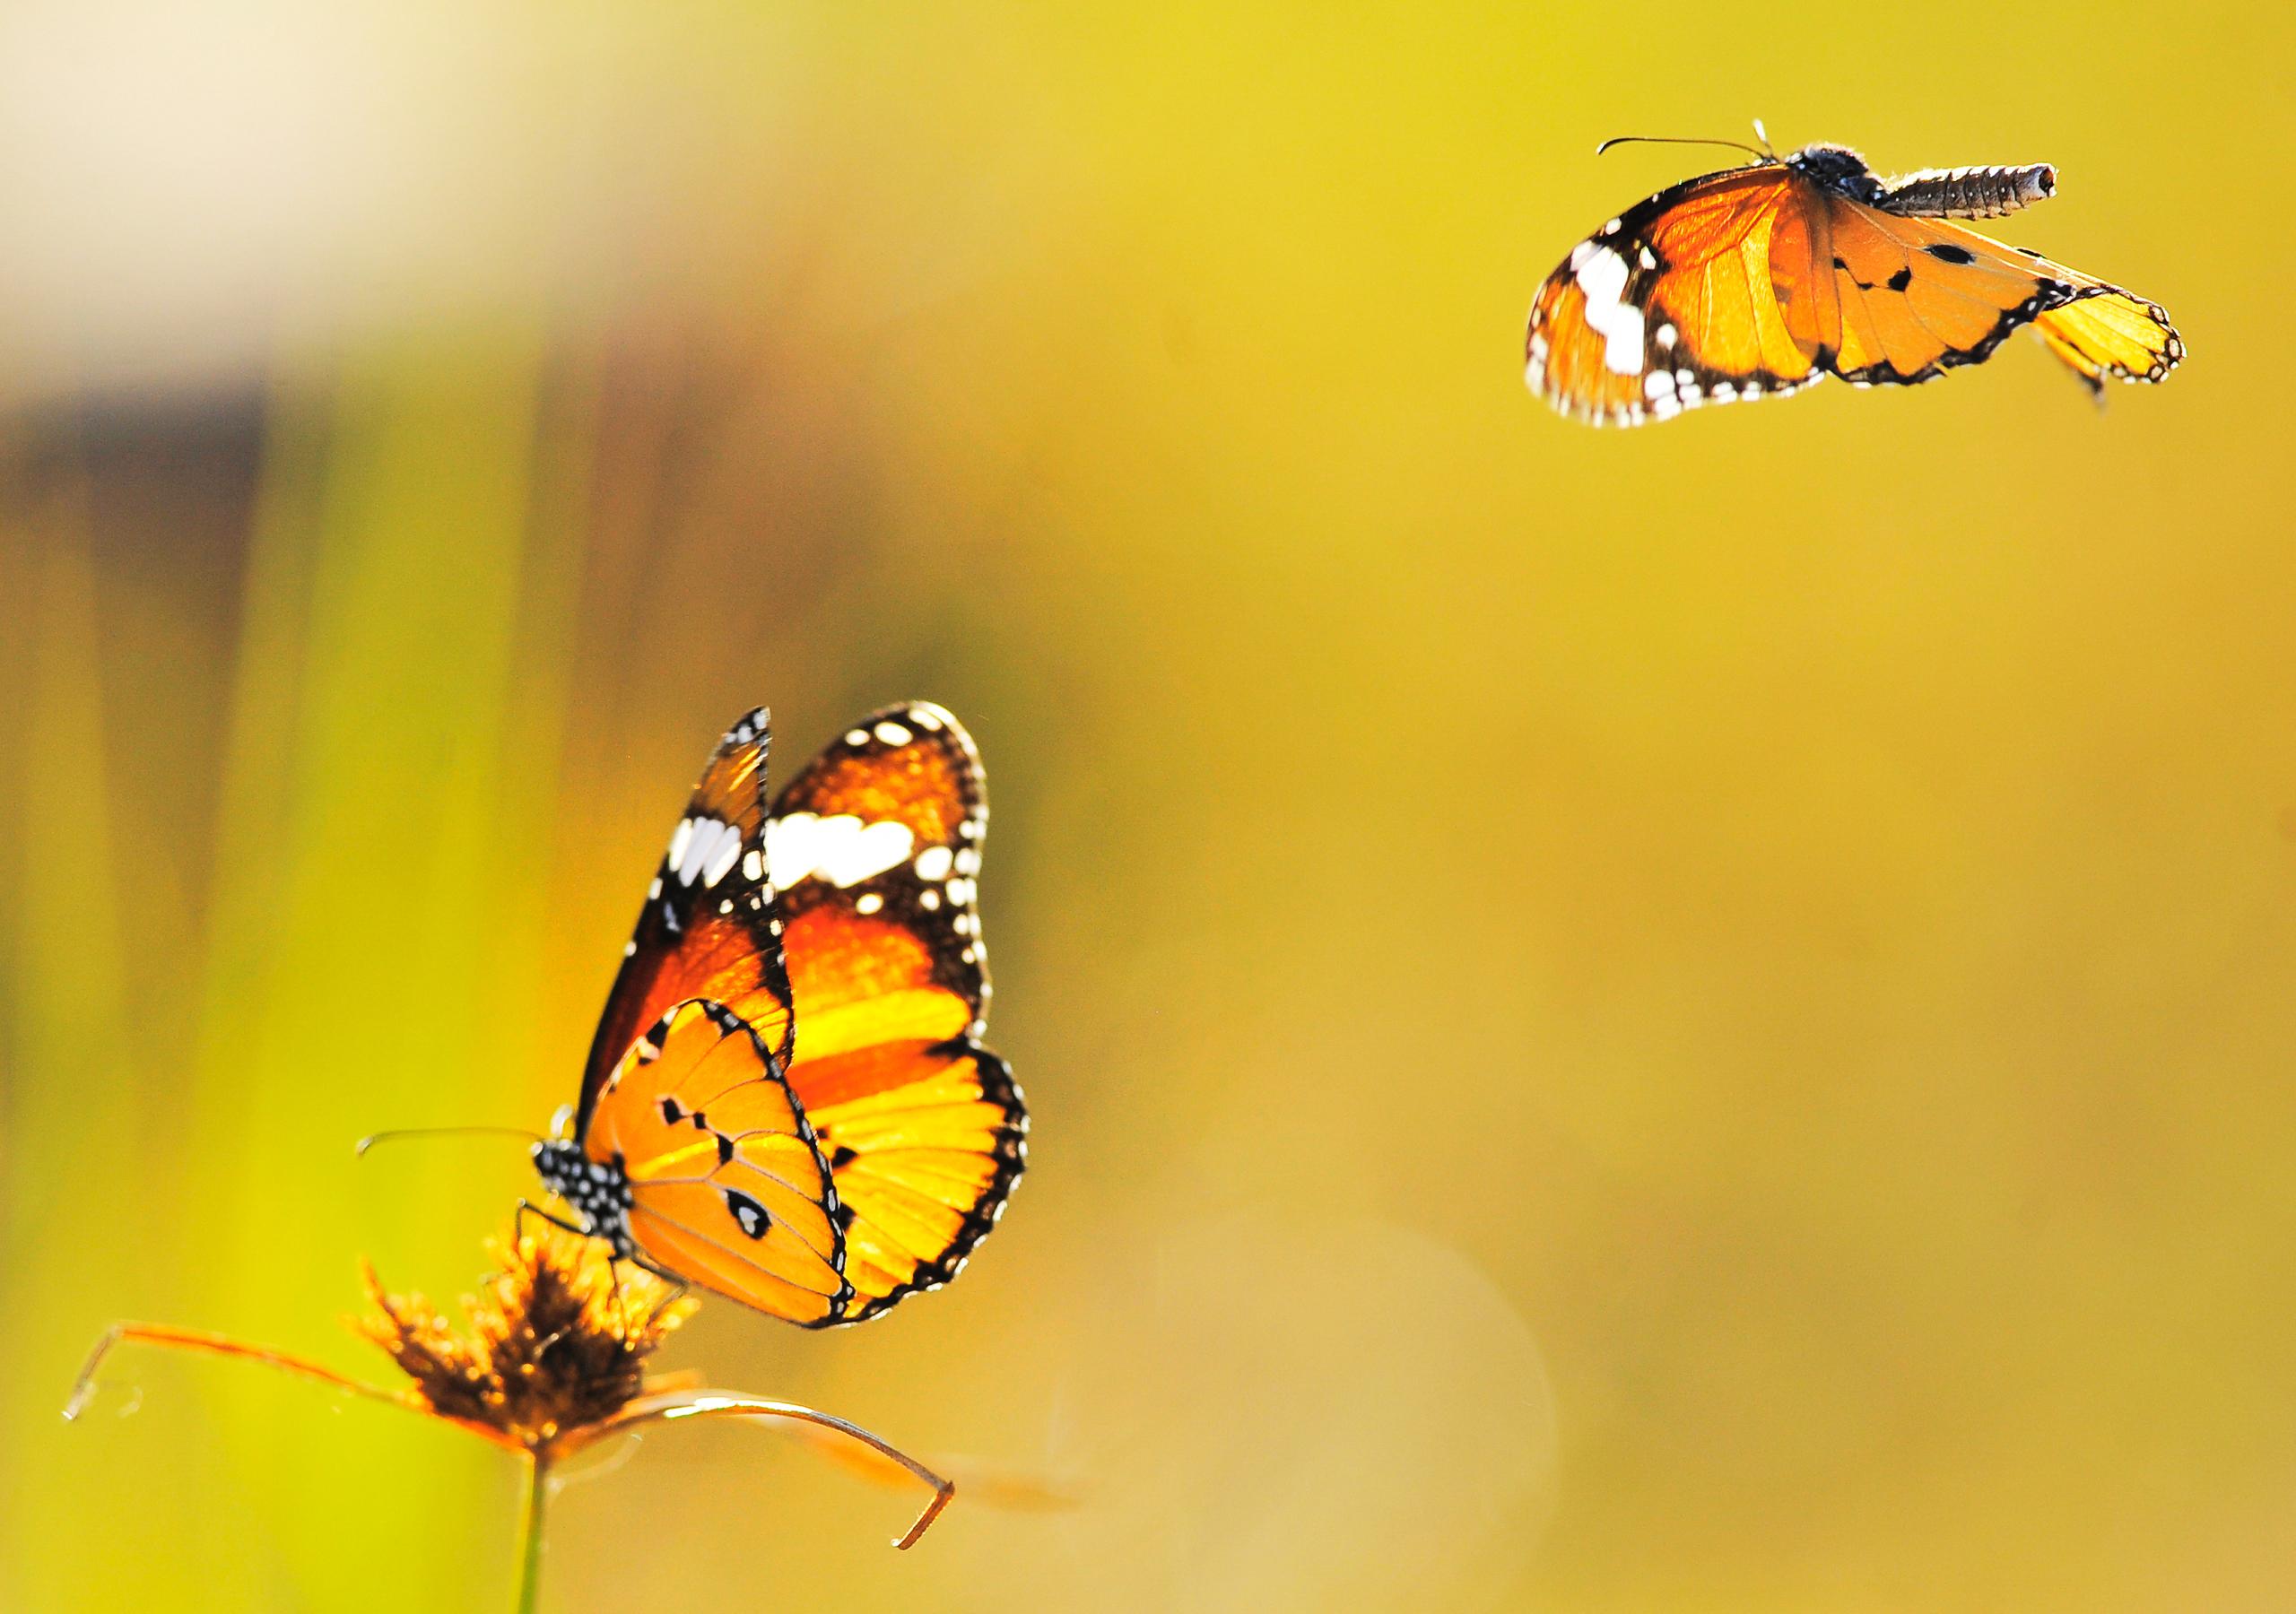 Желтая бабочка на оранжевых стеблях бесплатно